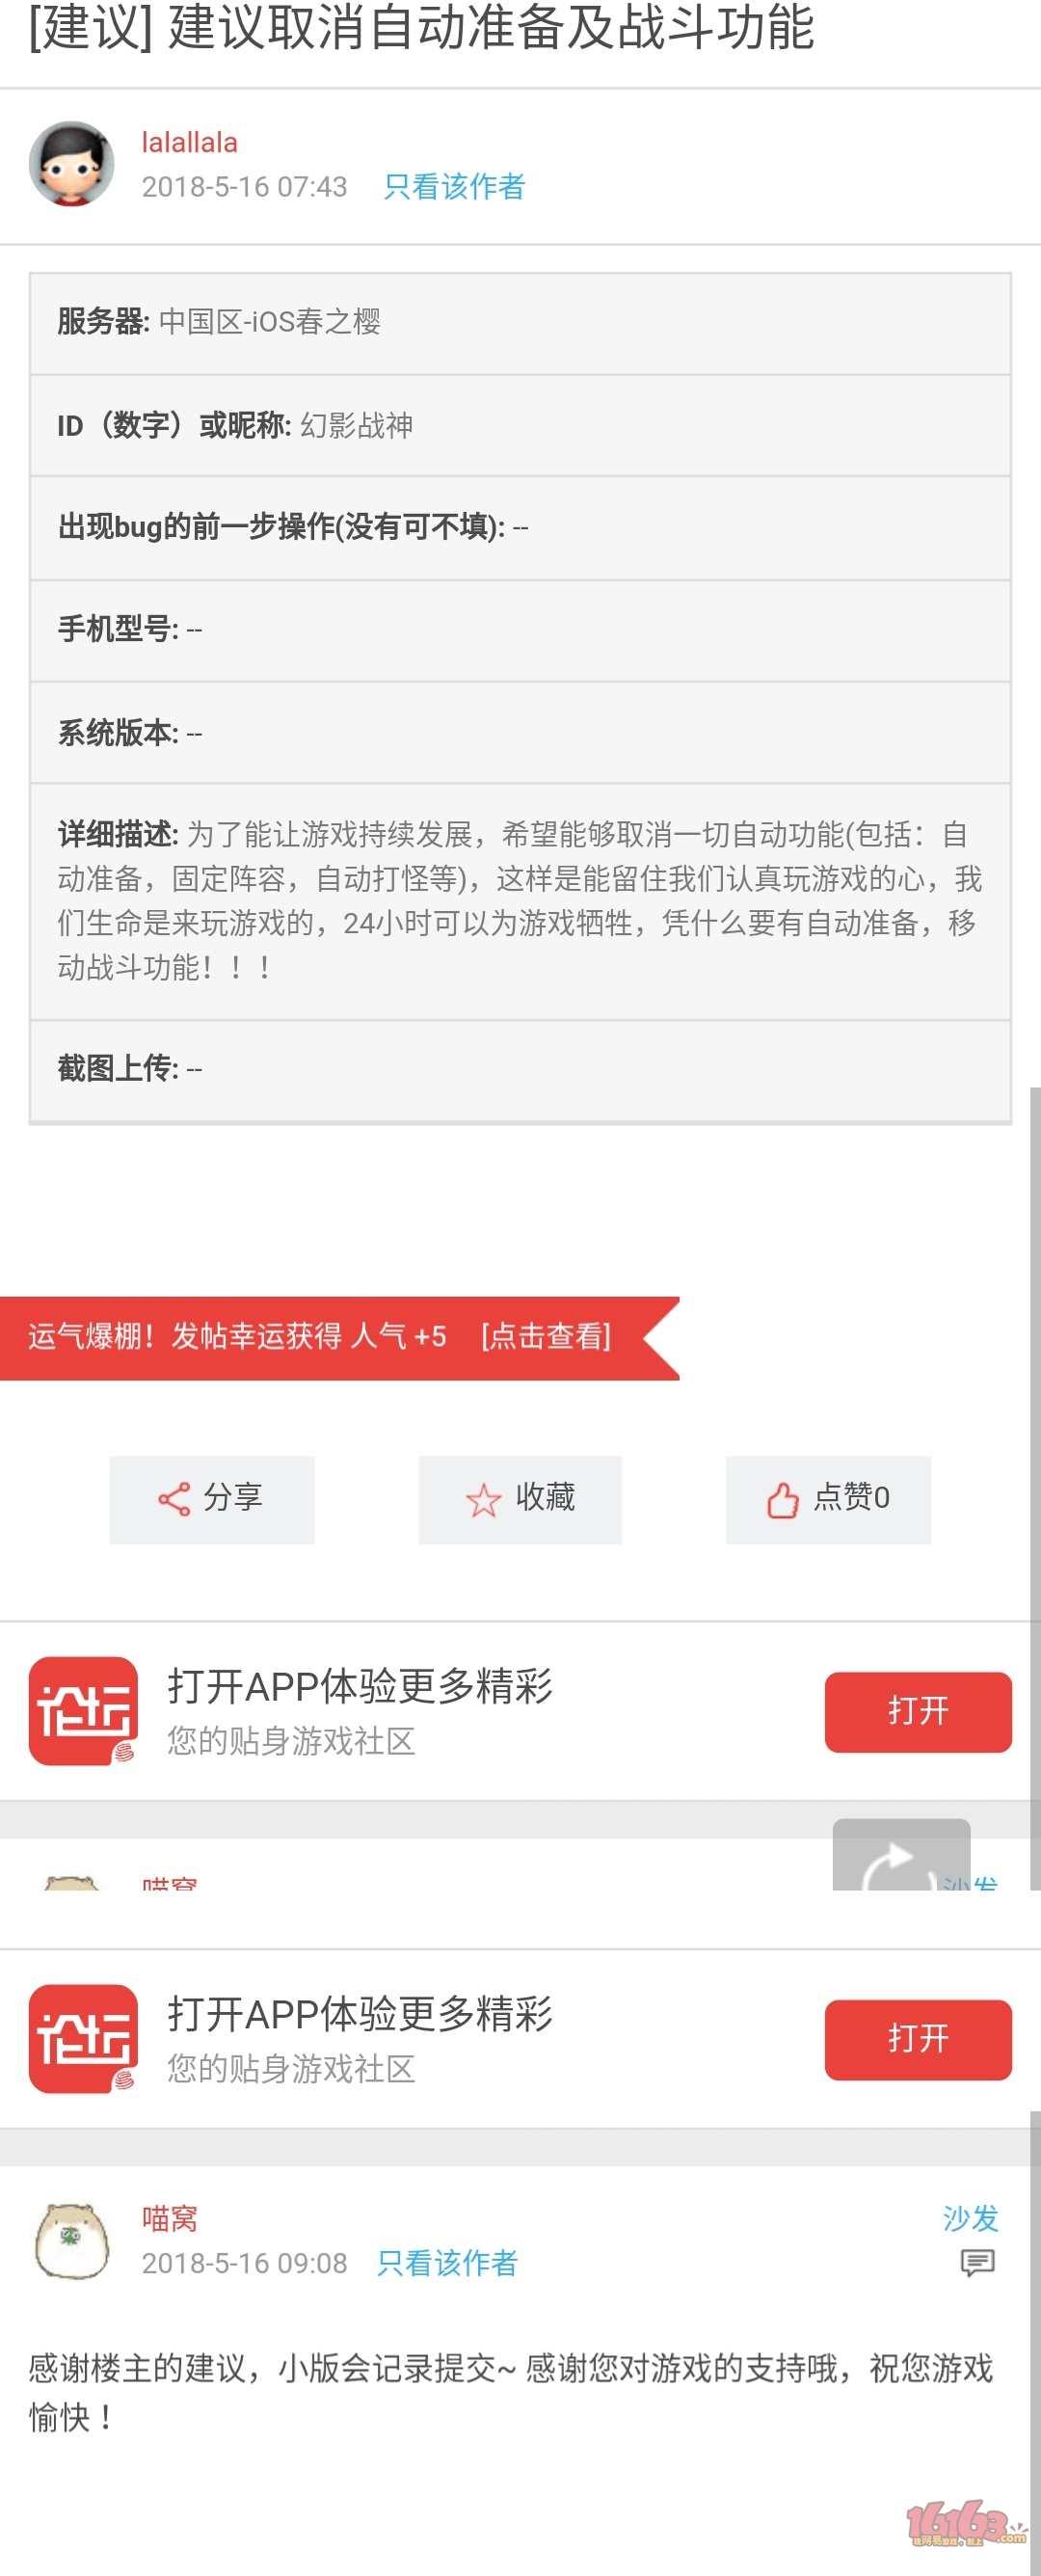 Screenshot_20180516-183930__01.jpg